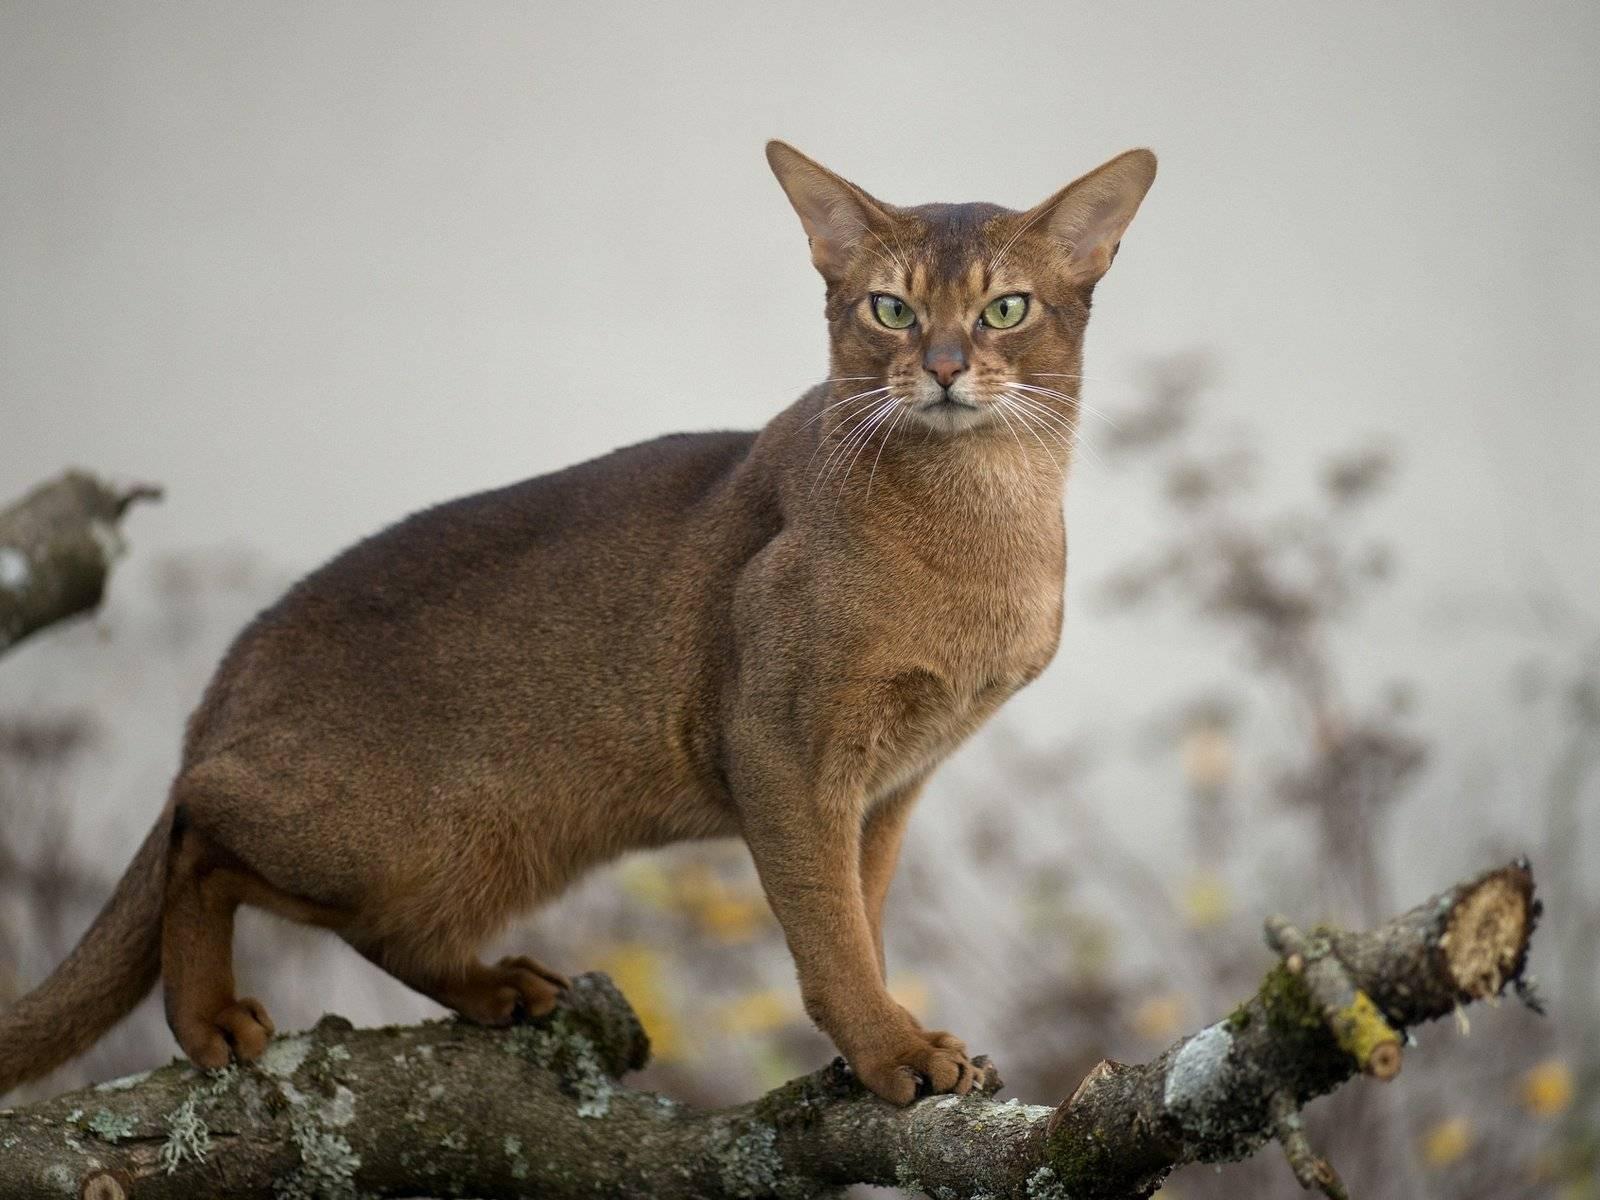 «ласковый, несмотря на габариты» — как пензенская семья приютила котенка пумы из контактного зоопарка —  такие дела